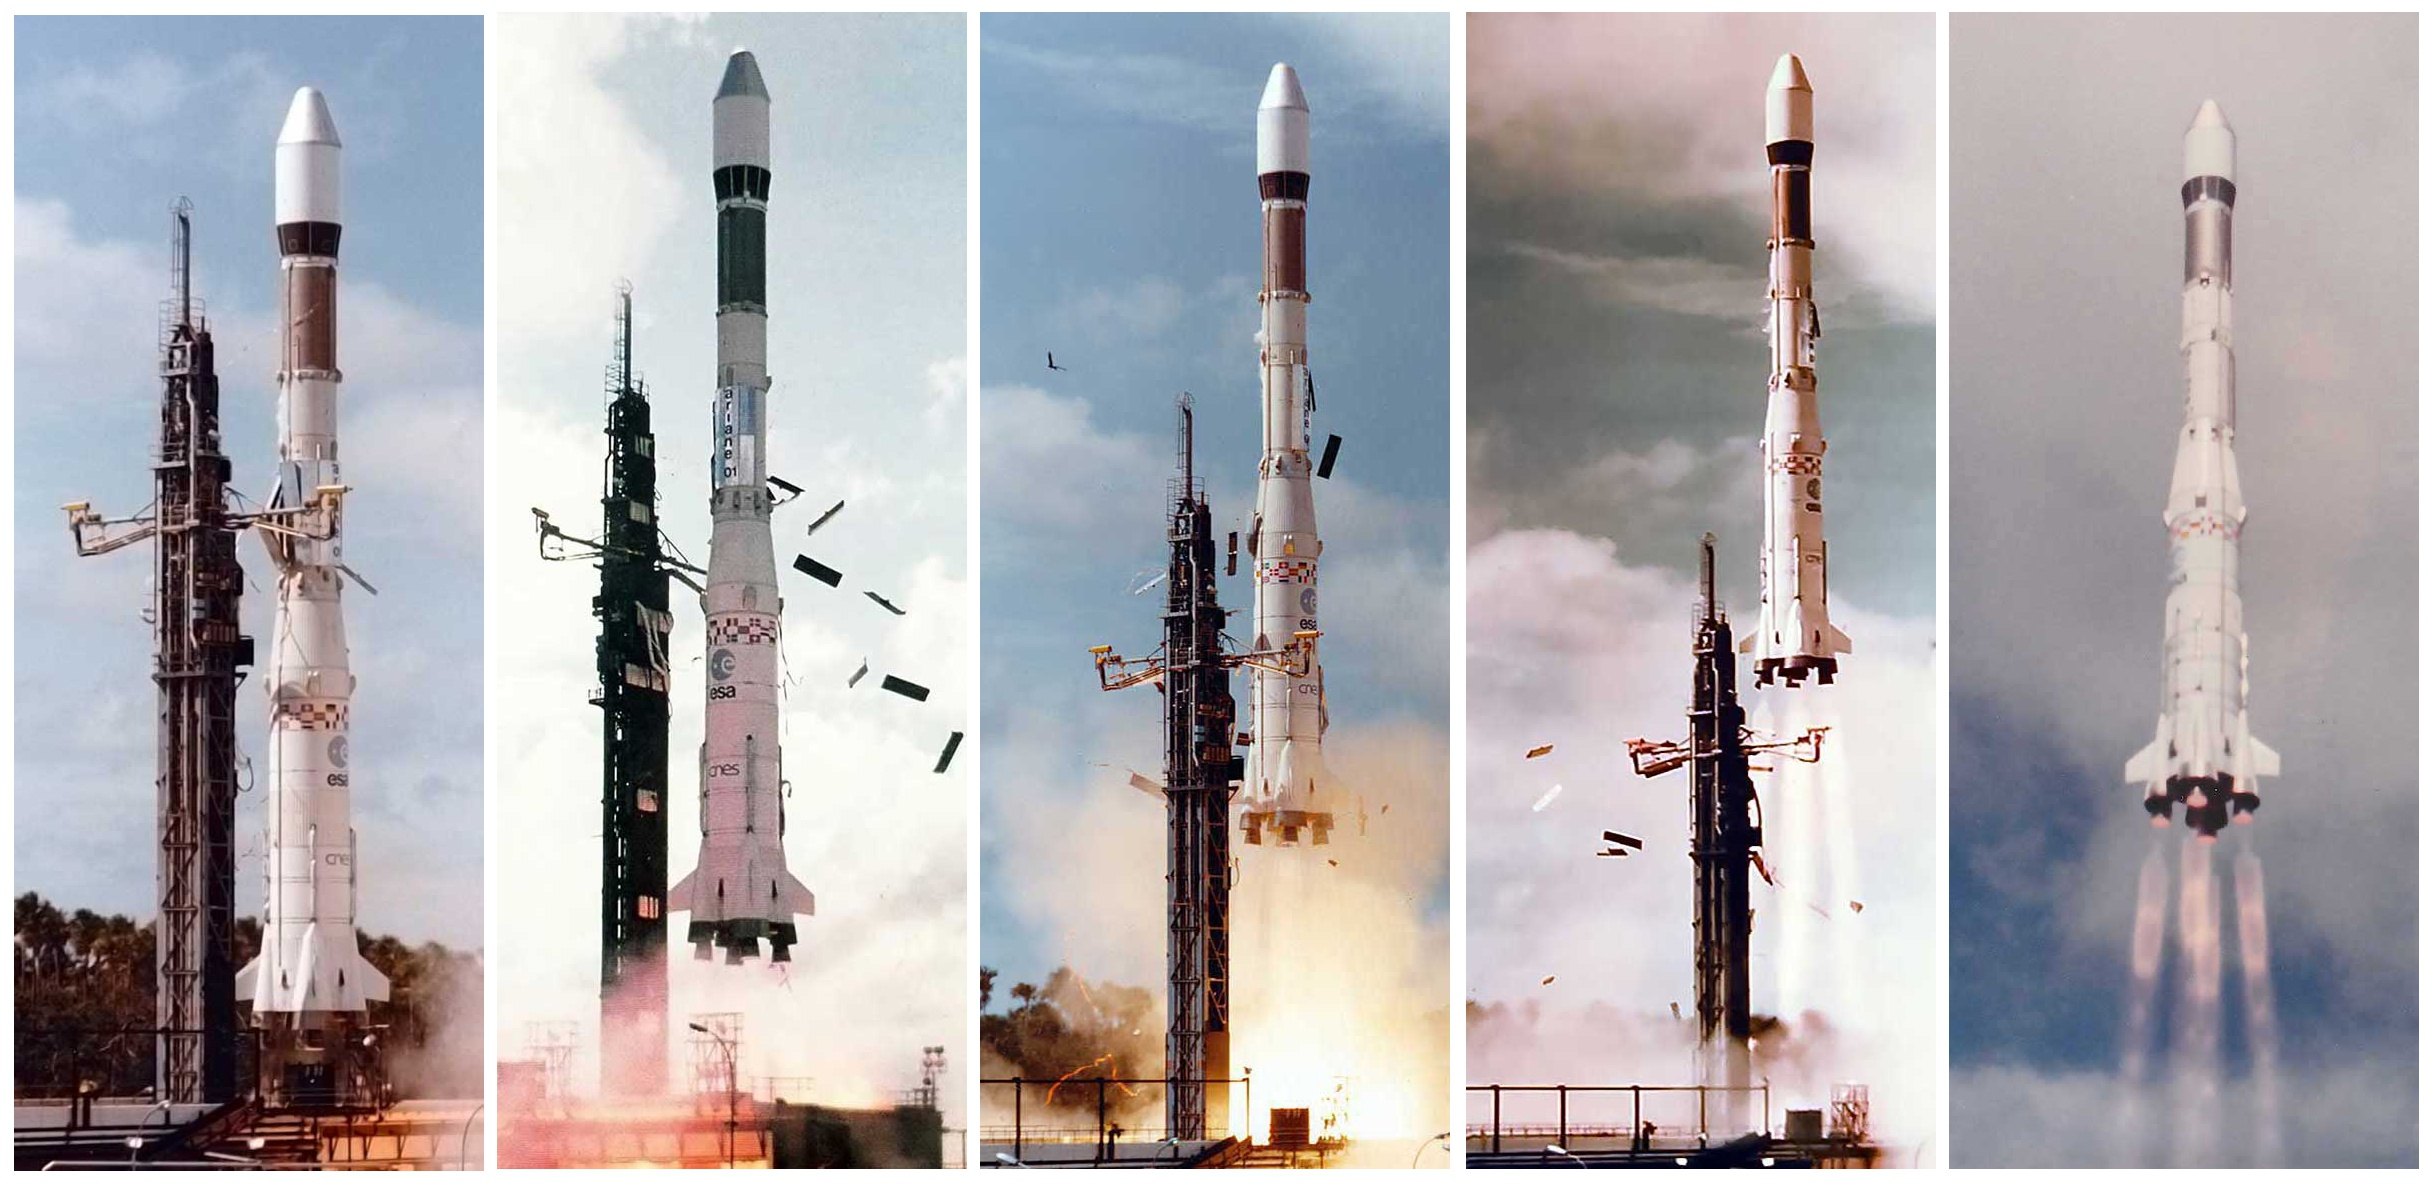 Ariane - Premier lancement - L01 - 24 décembre 1979 - Premières secondes de vol - Centre Spatial Guyanais - Kourou - CNES